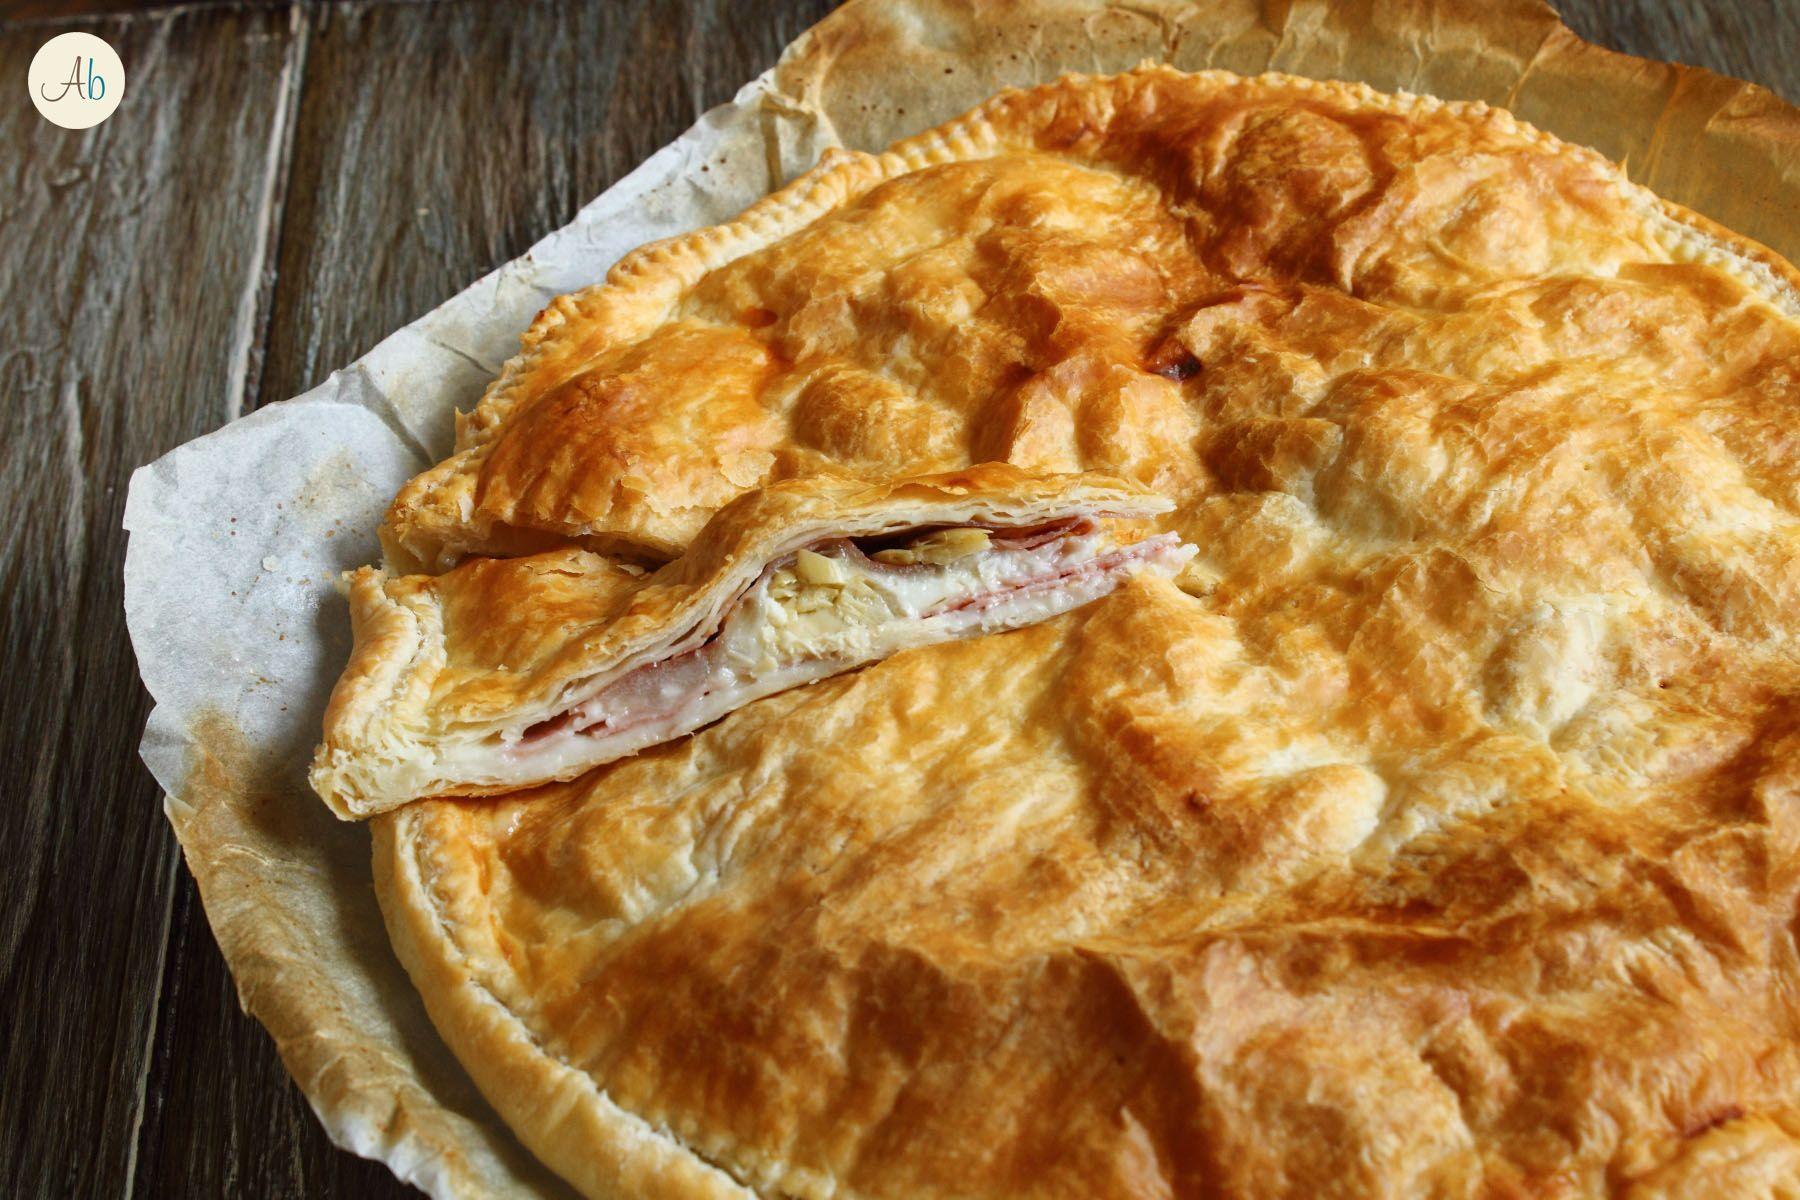 Torta Salata con Carciofi e Spalla Cotta - via libera alle torte salate ed in questo caso l'abbinamento carciofi-spalla-mozzarella è ottimo, garantito !